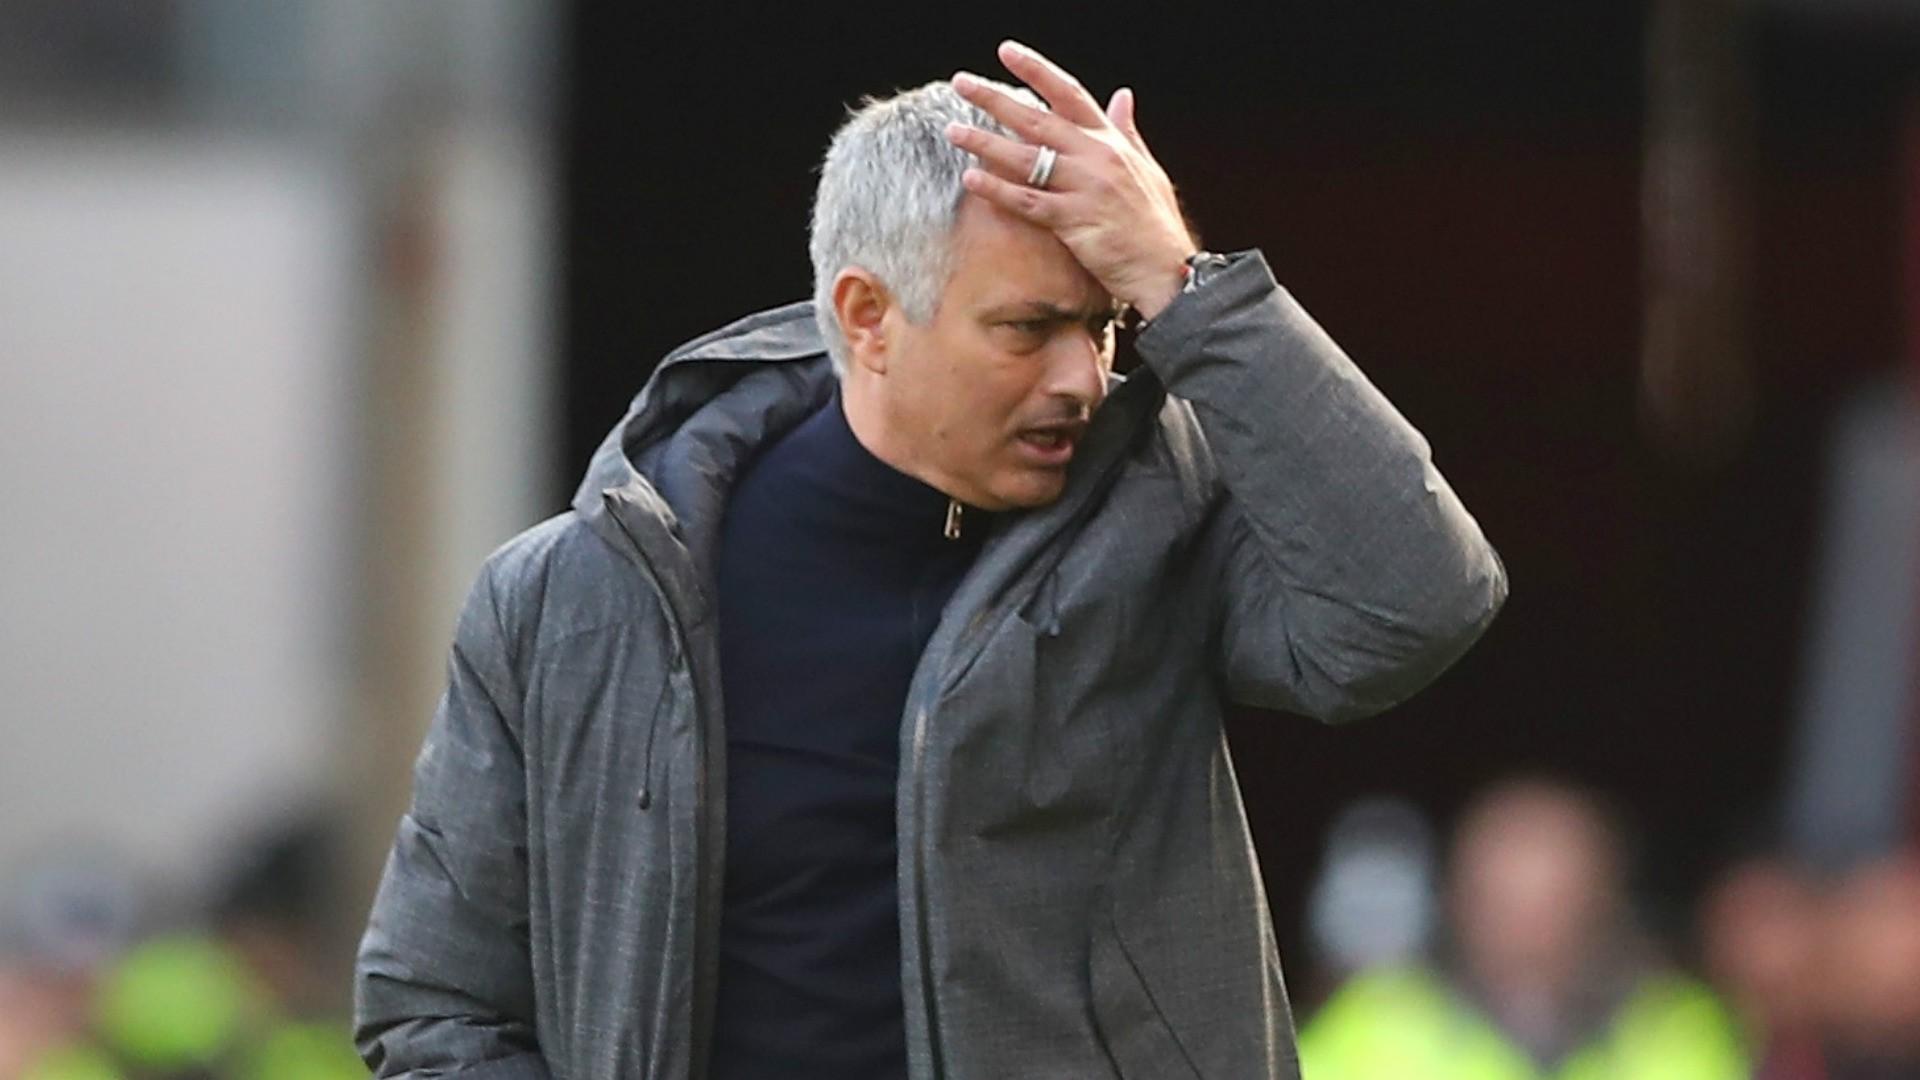 Mourinho - Man Utd: Mối lương duyên đã sai ngay từ đầu - Ảnh 2.